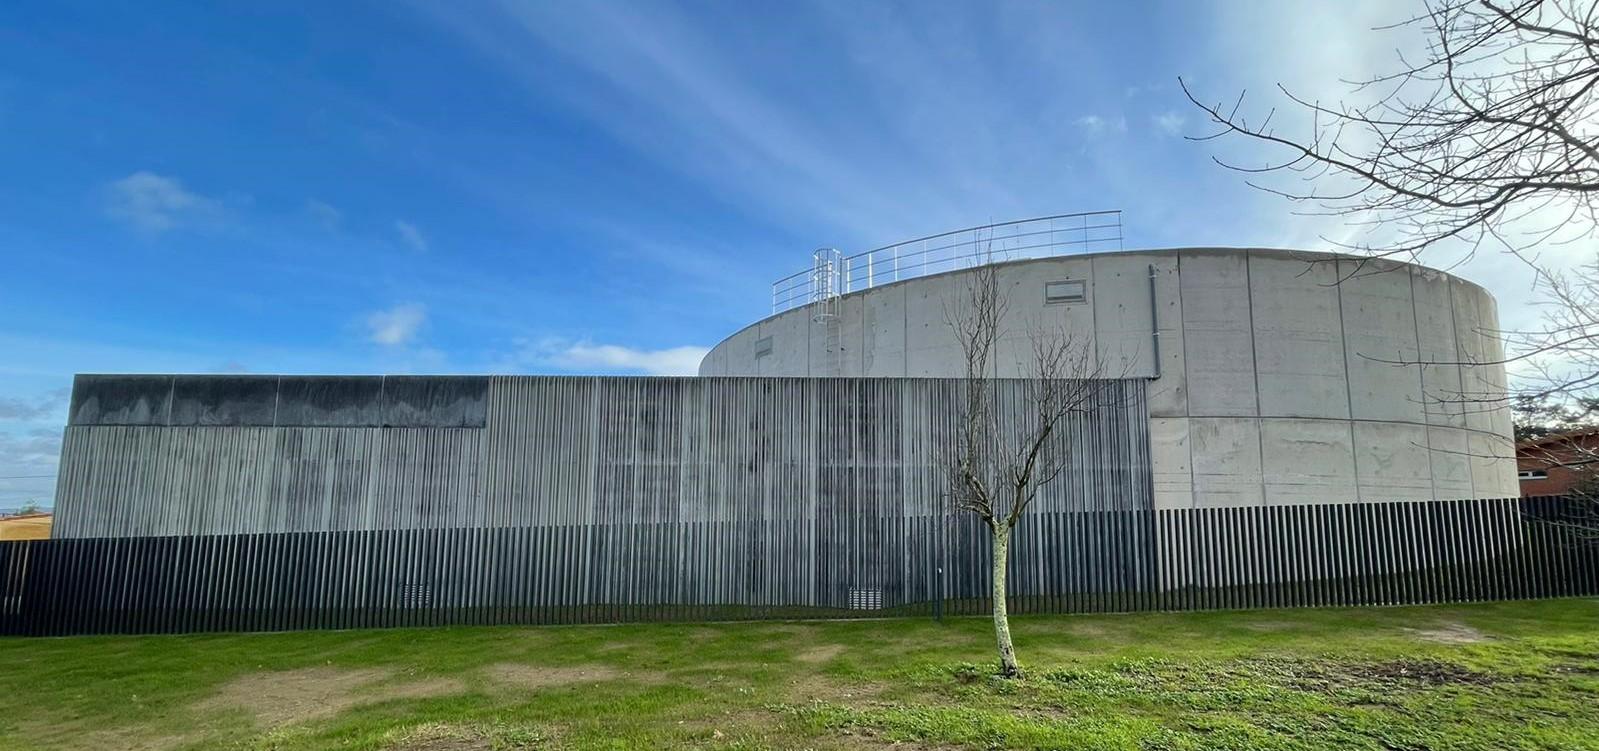 EMALCSA pone en marcha el depósito de agua de Almeiras